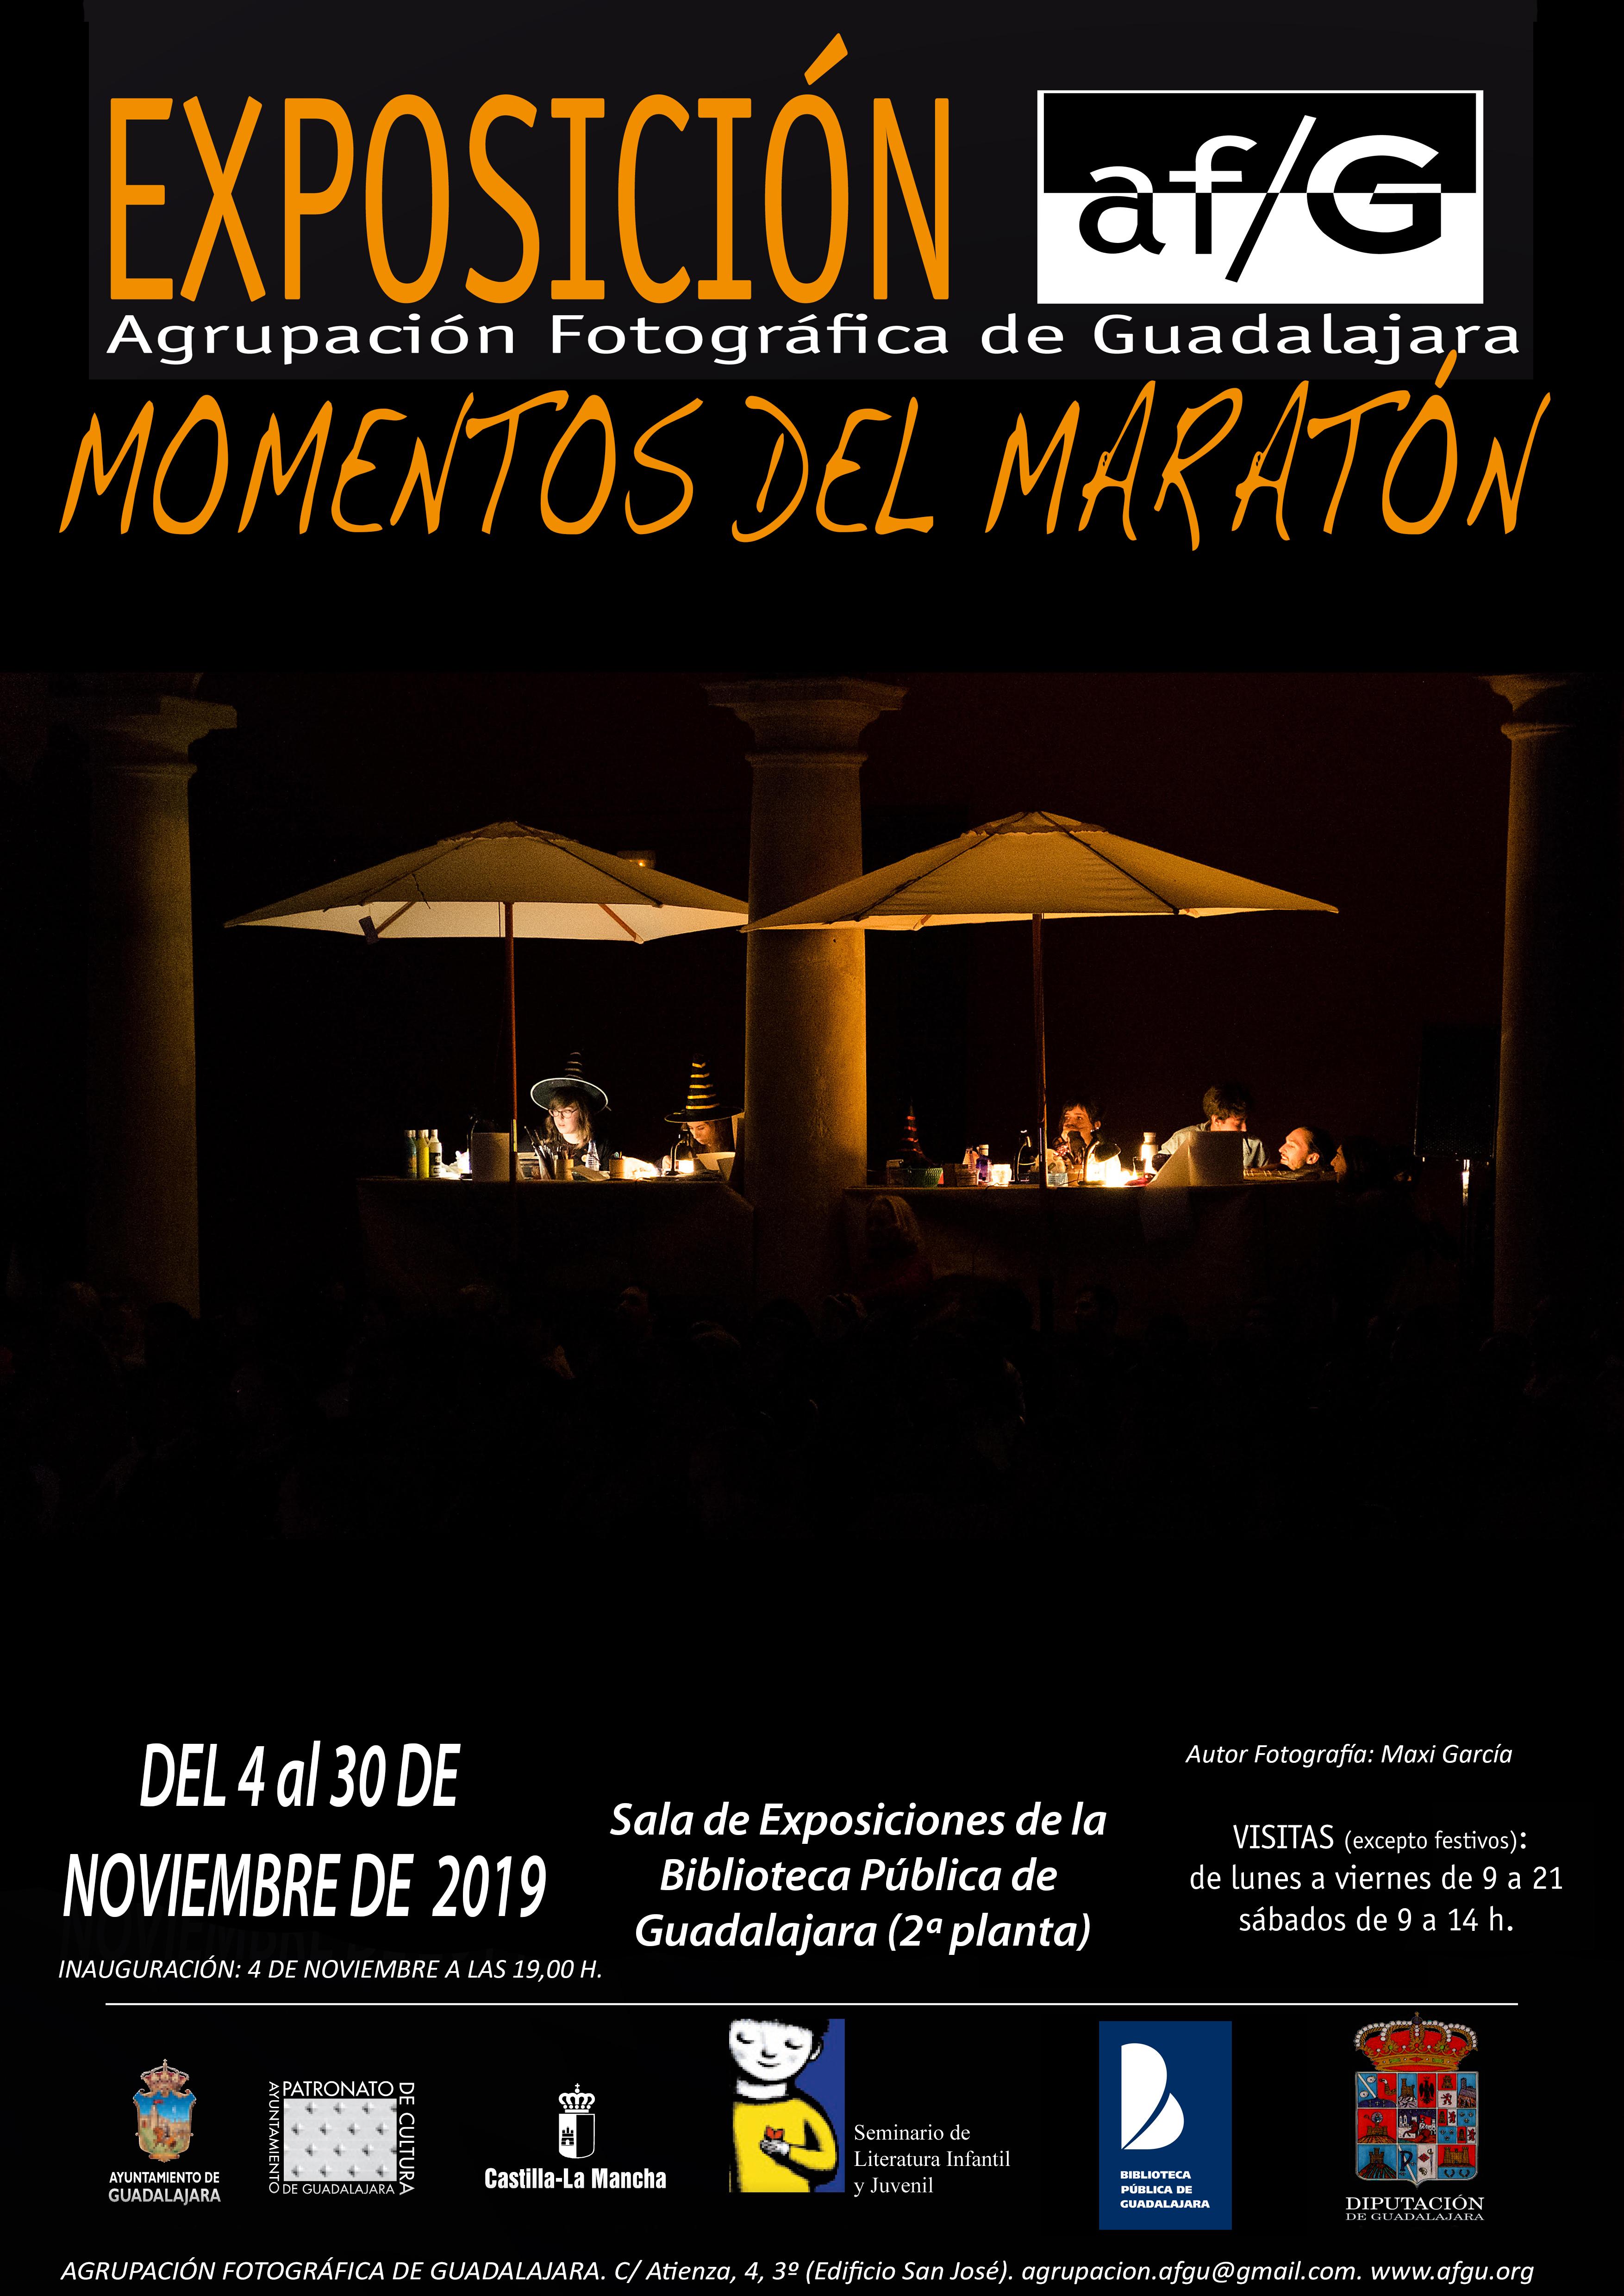 Exposición «Momentos del maratón»